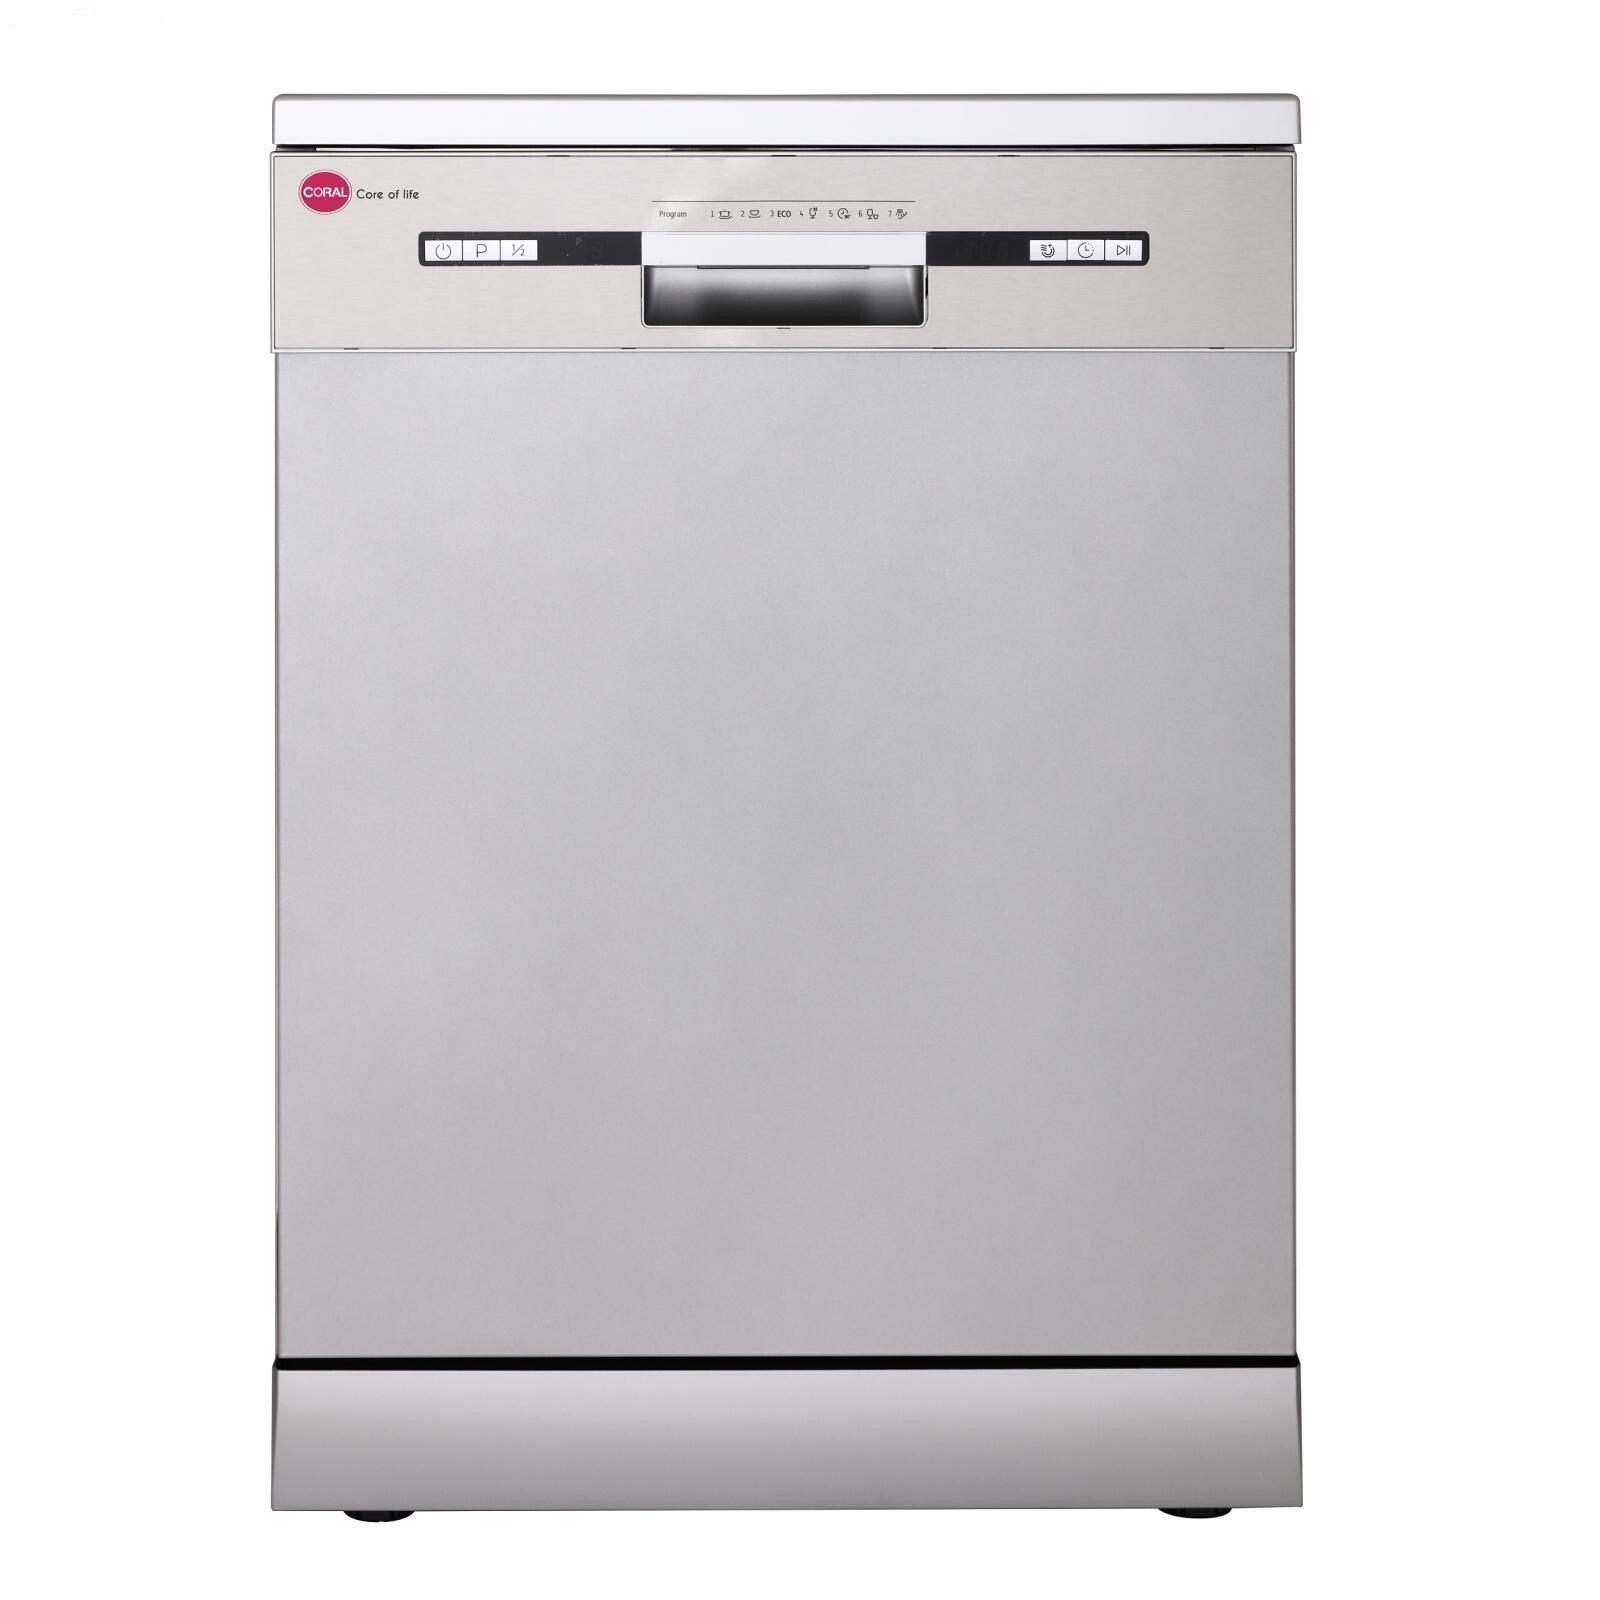 تصویر ماشین ظرفشویی کرال مدل DS 1417 Crawl dishwasher model DS 1417